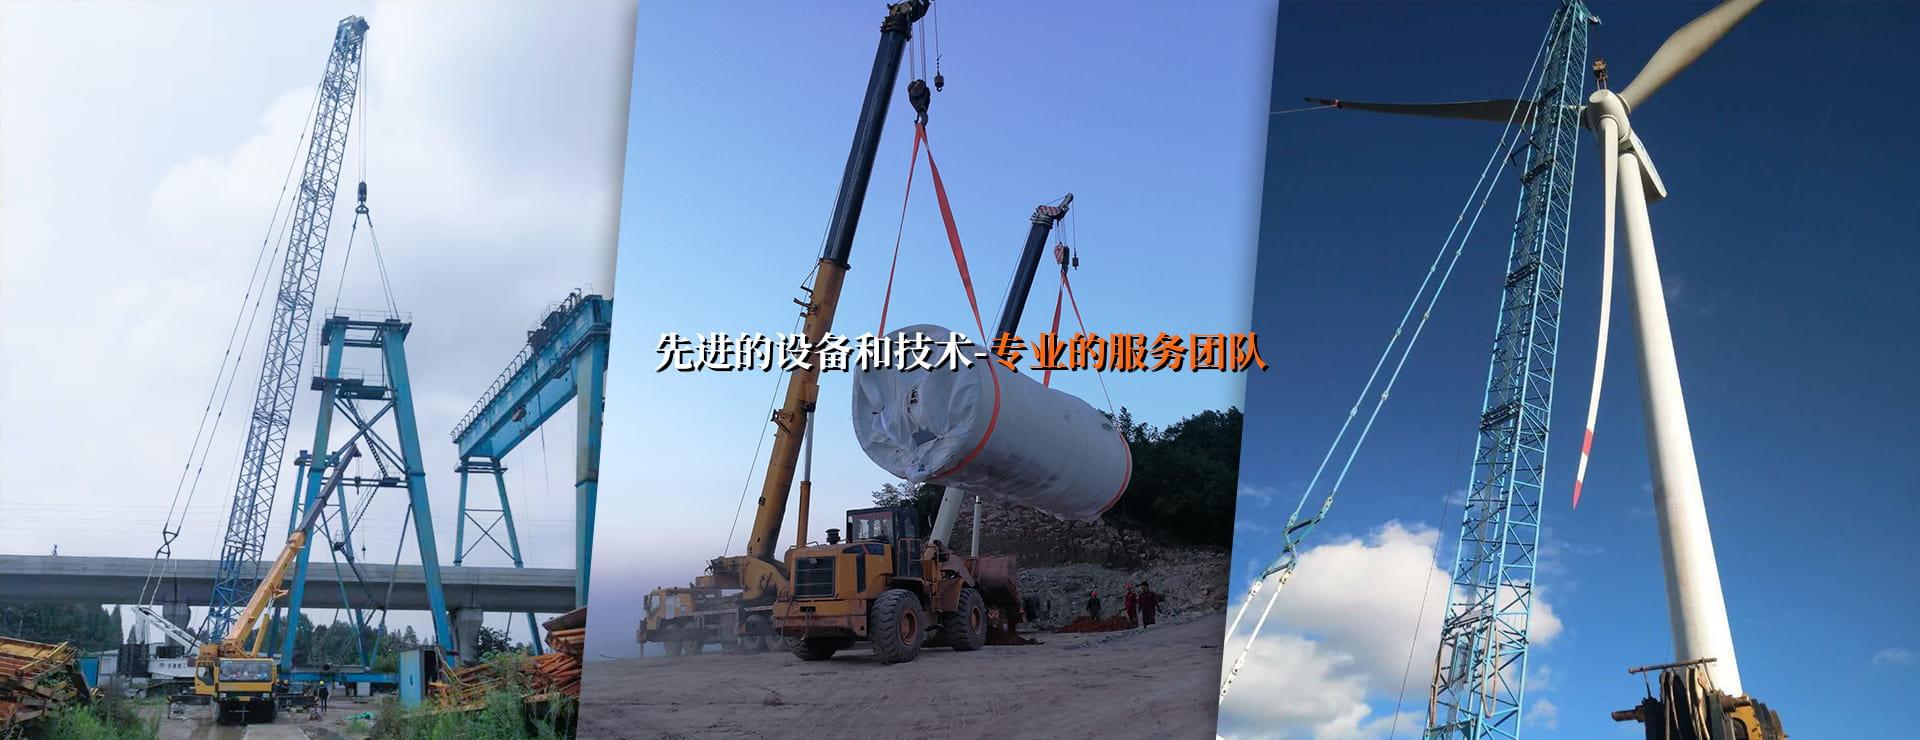 四川吊装公司